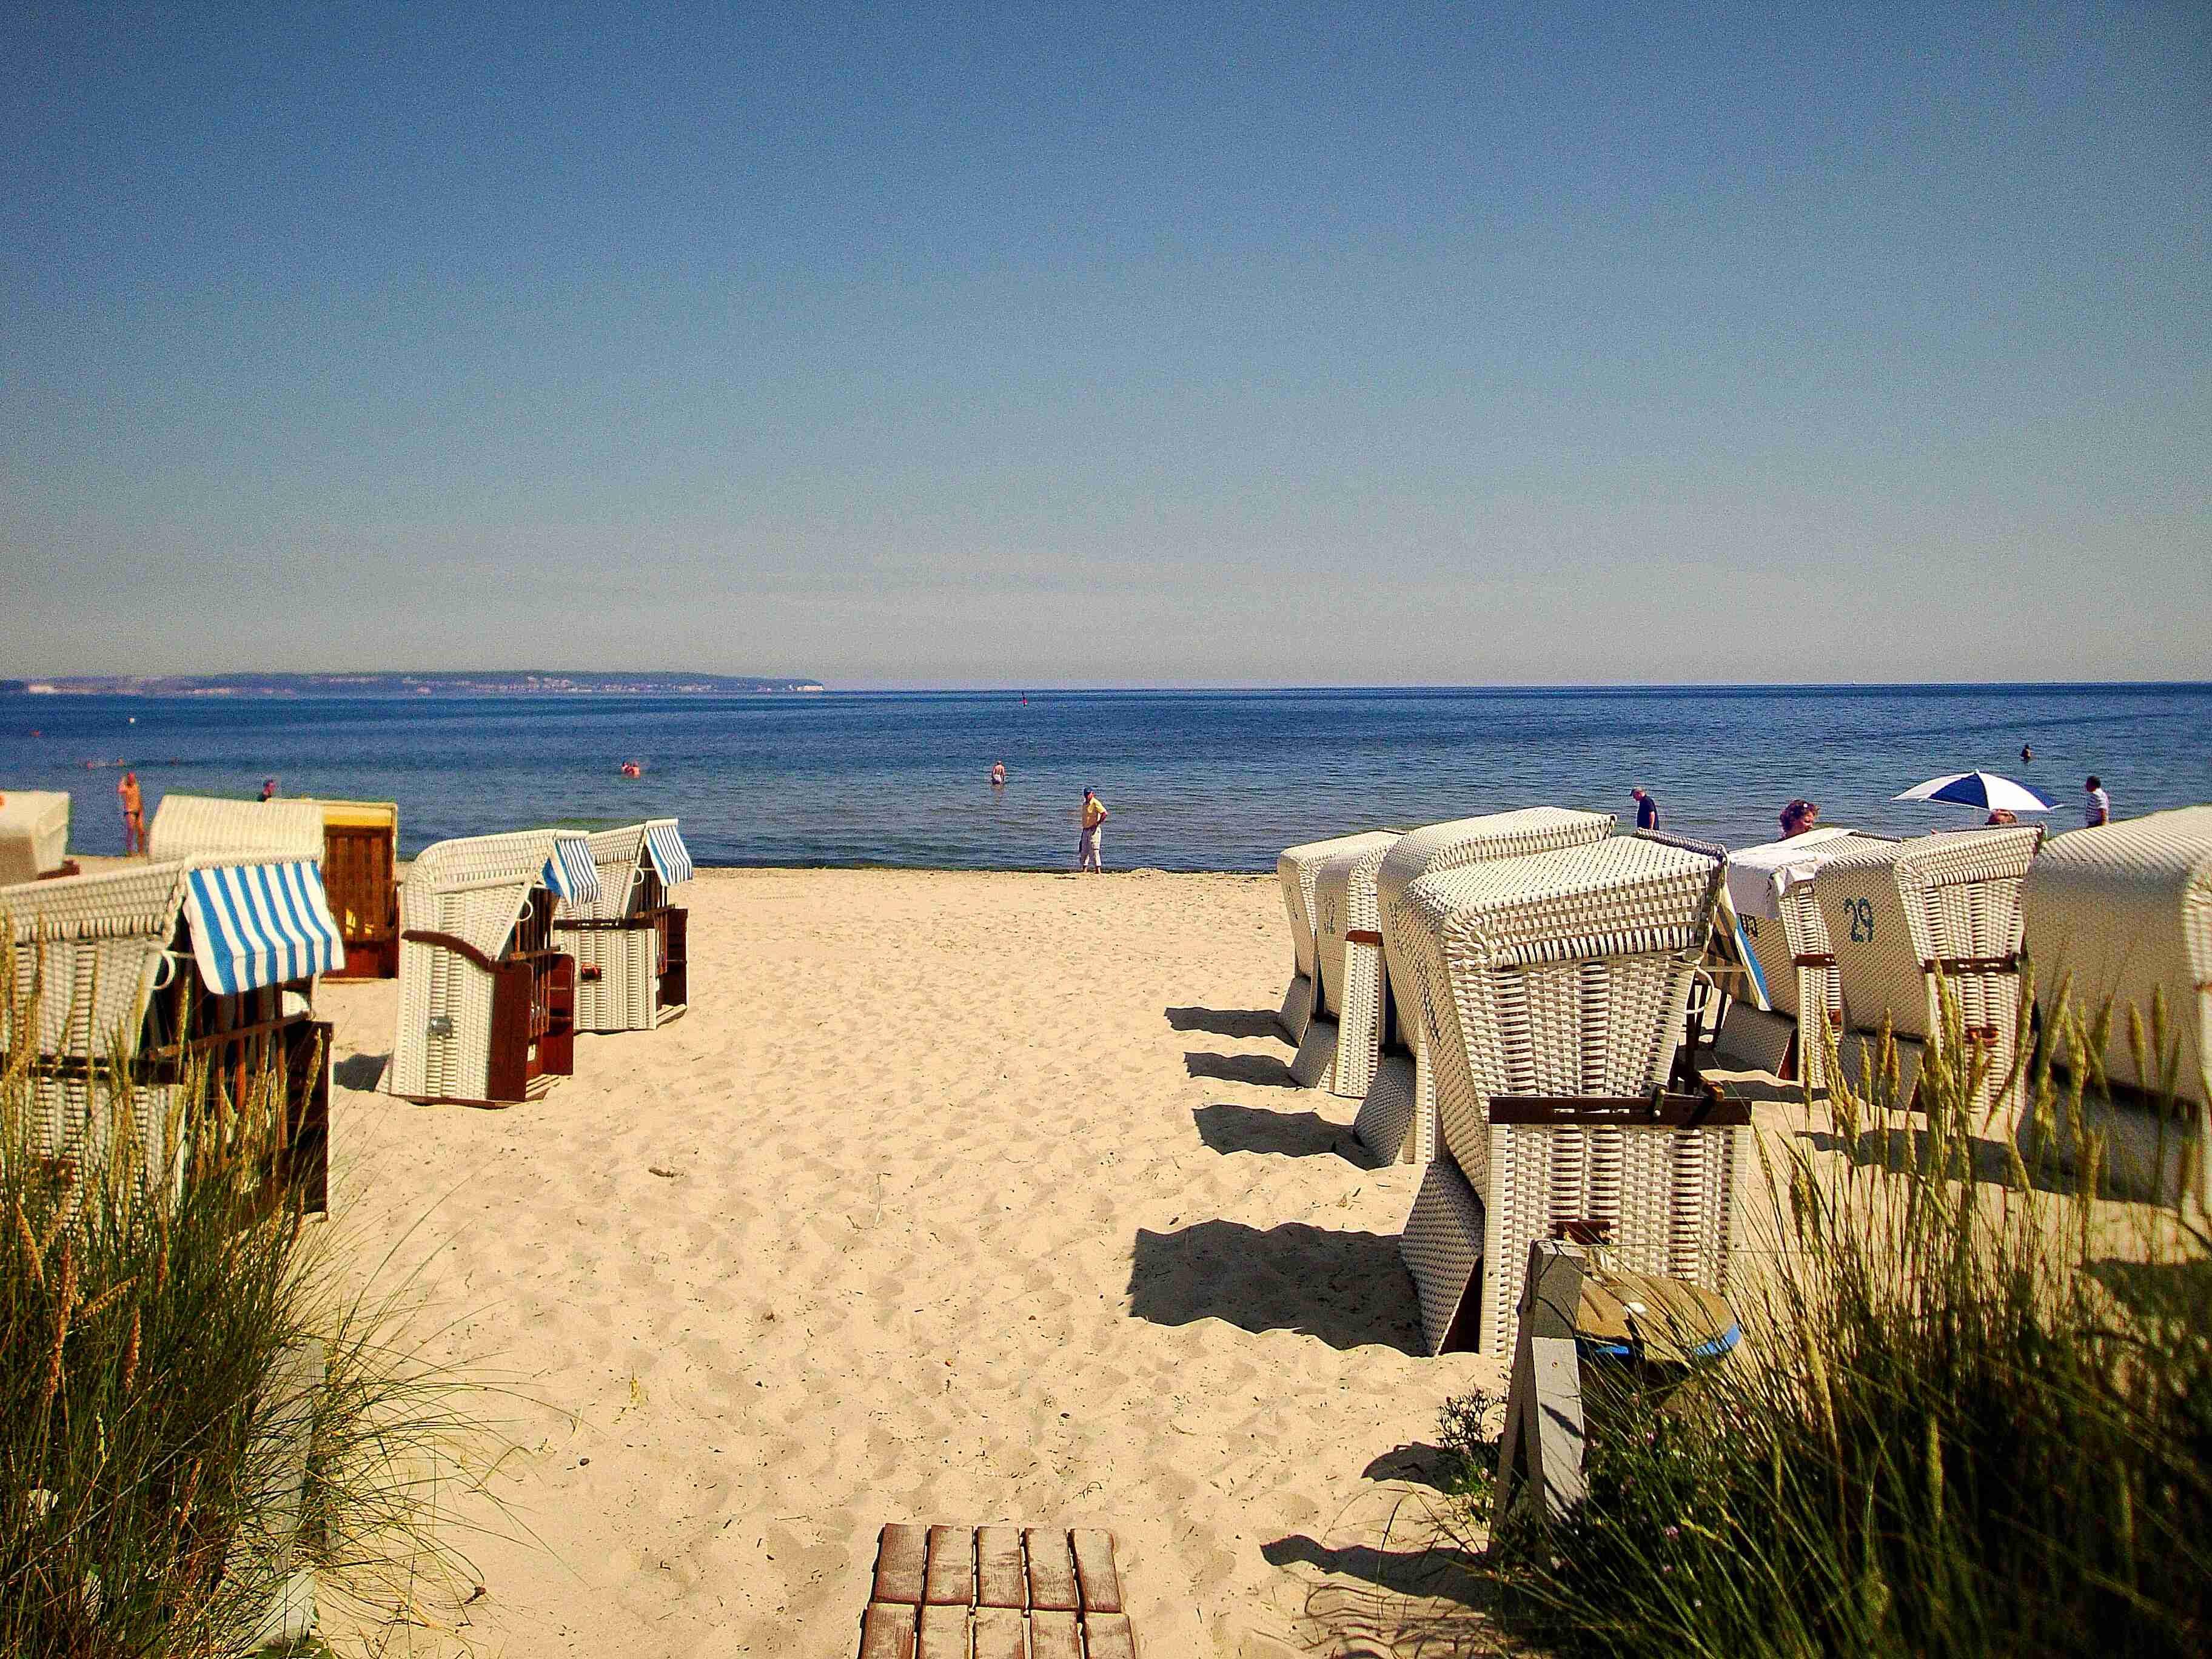 Seesschloss-Binz - Ferienwohnung 19 mit Meerblick direkt an der Strandpromenade in Binz auf Rügen